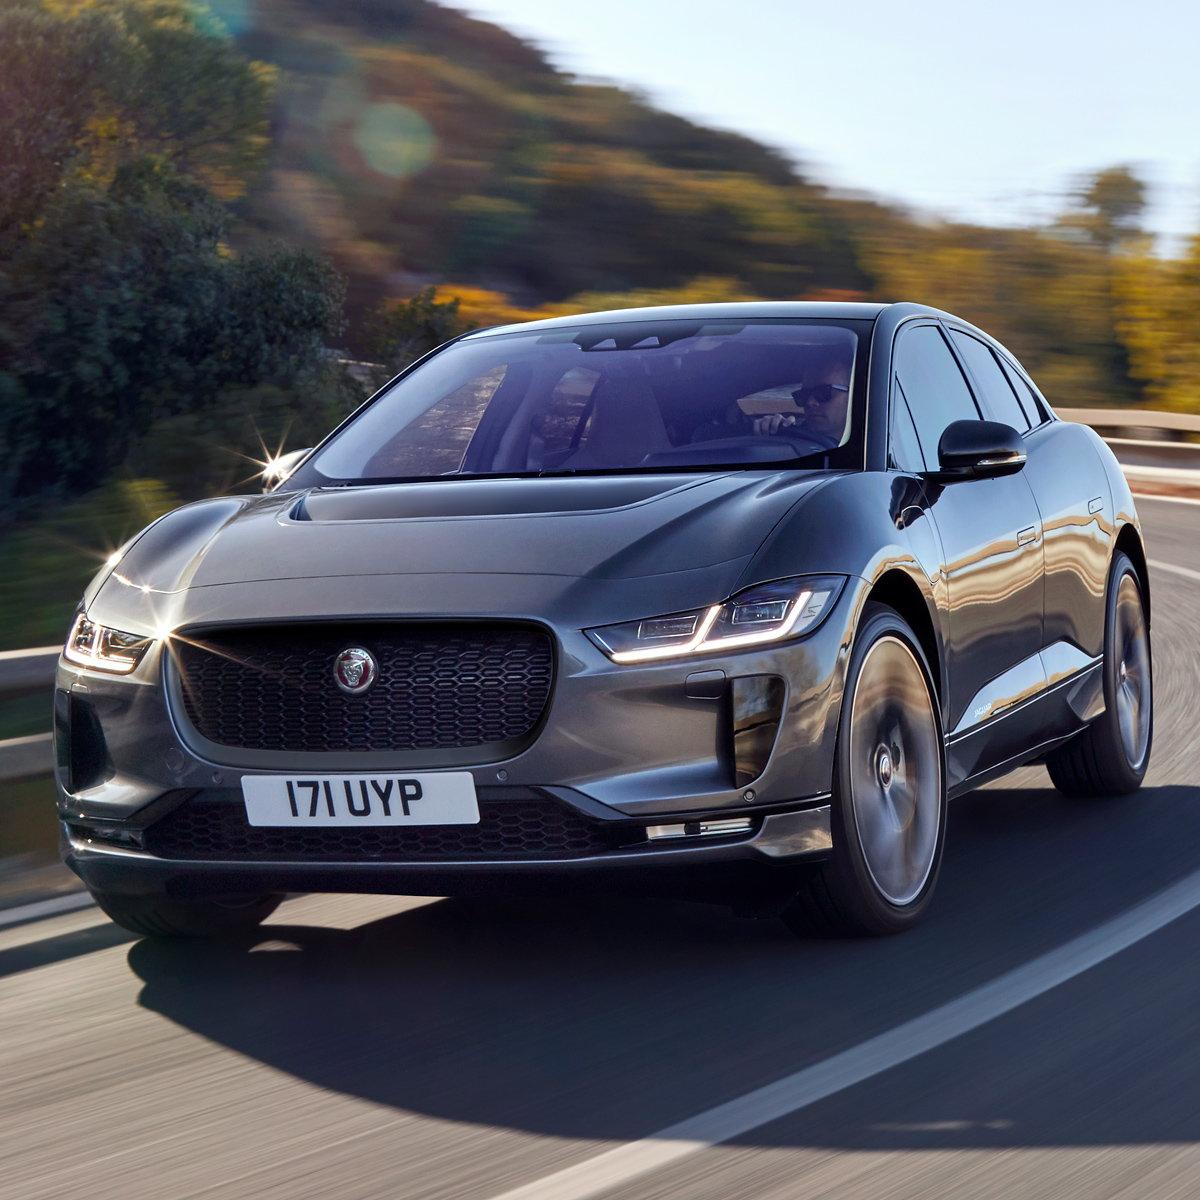 Jaguar Cx17 Release Date: Jaguar Unveils Electric I-PACE SUV